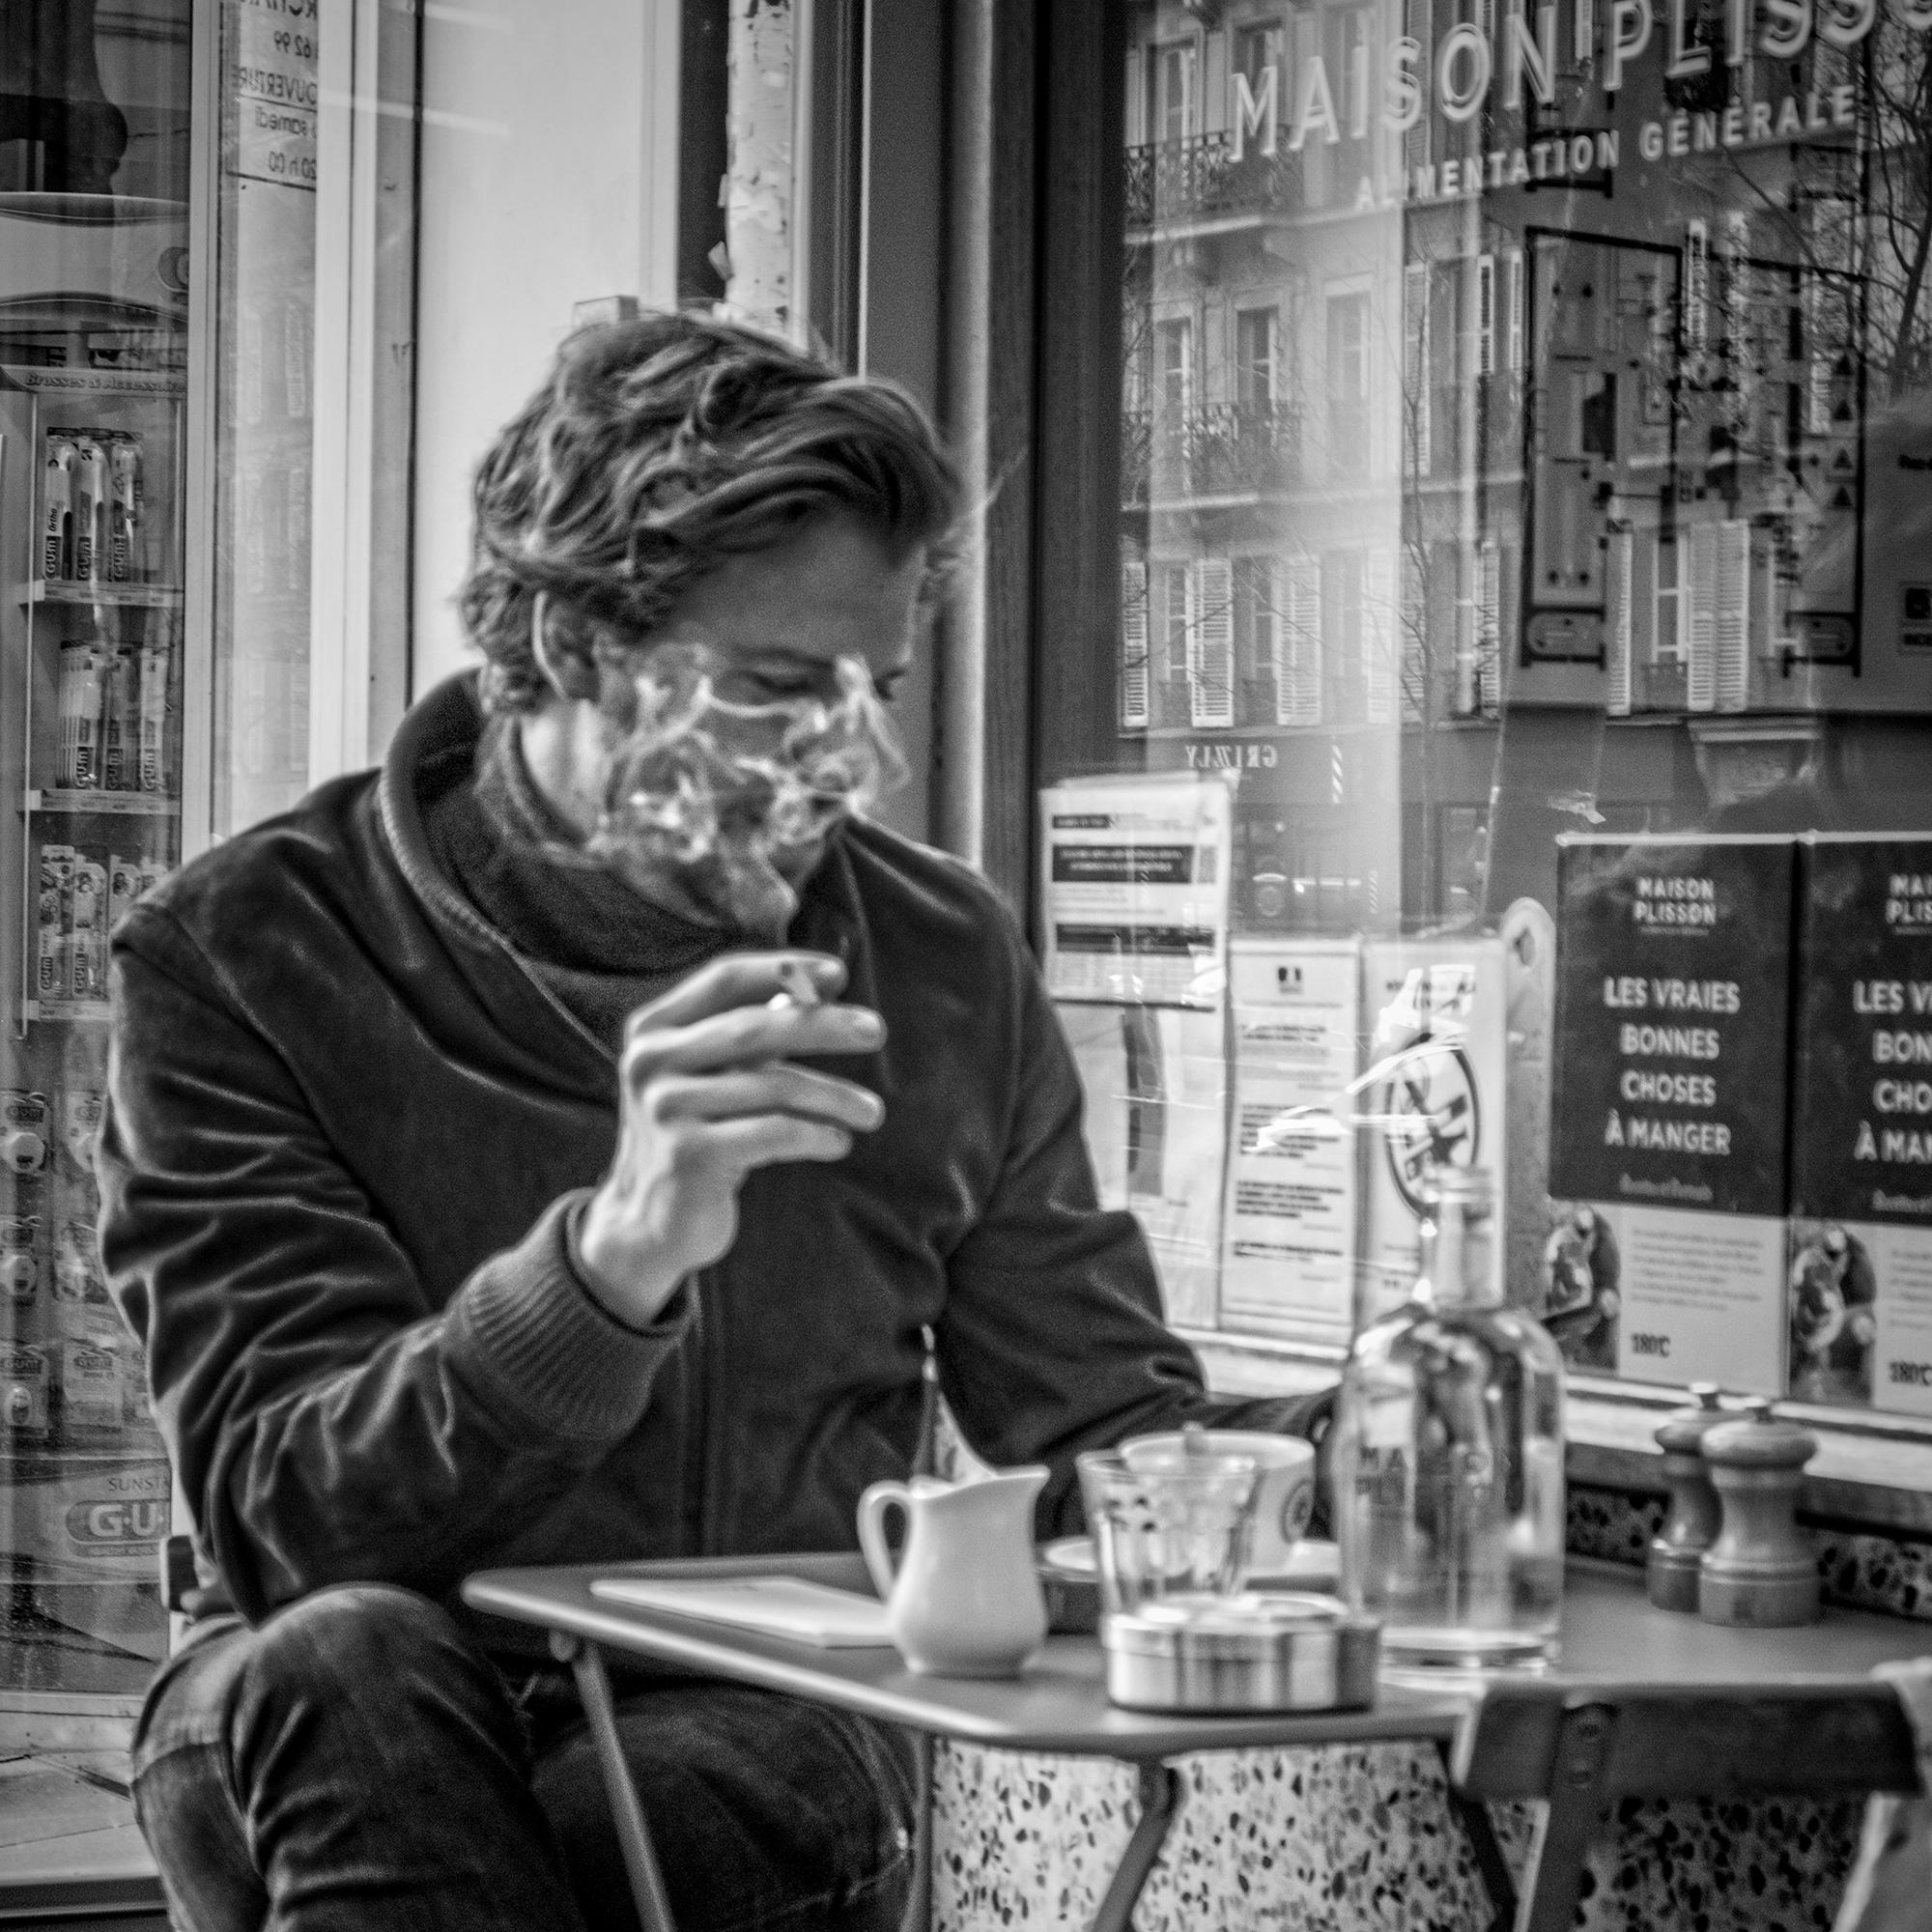 Cigarettes & Coffee in Le Marais